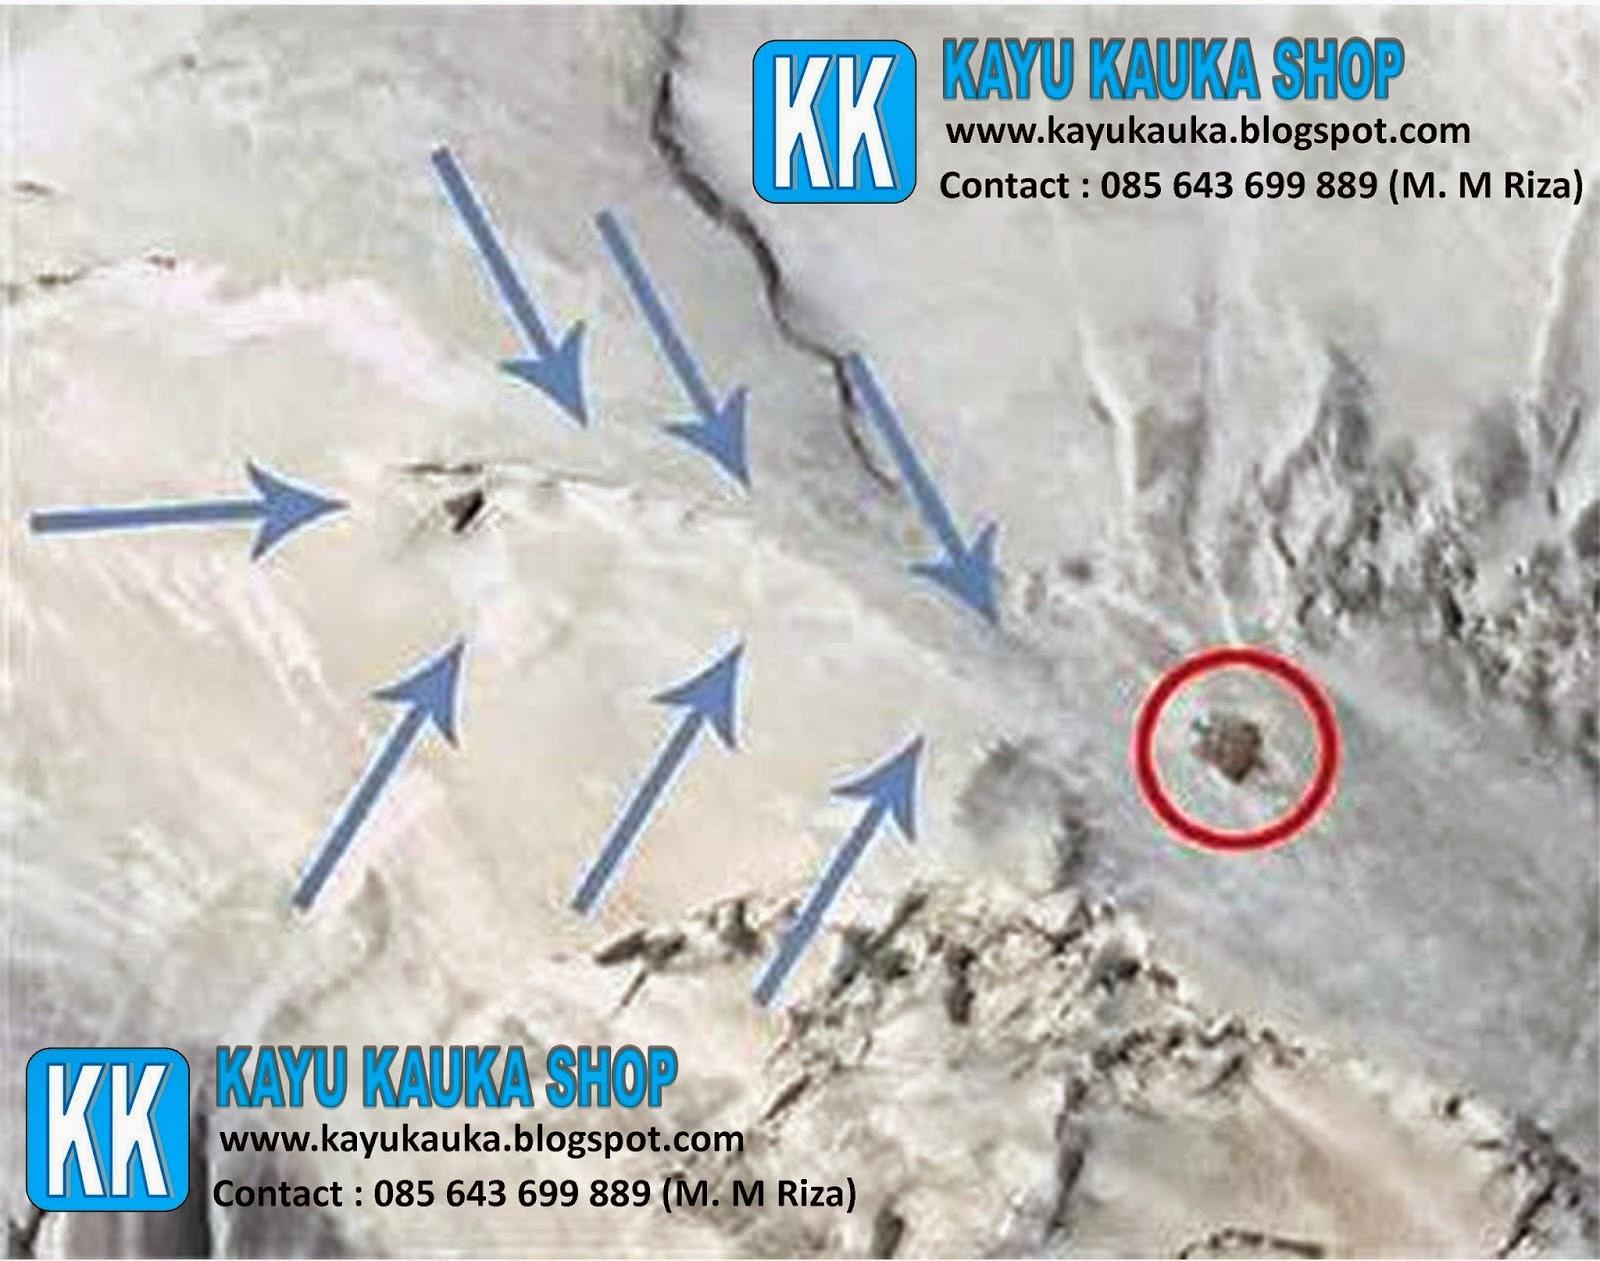 Sejarah Kayu Kokka